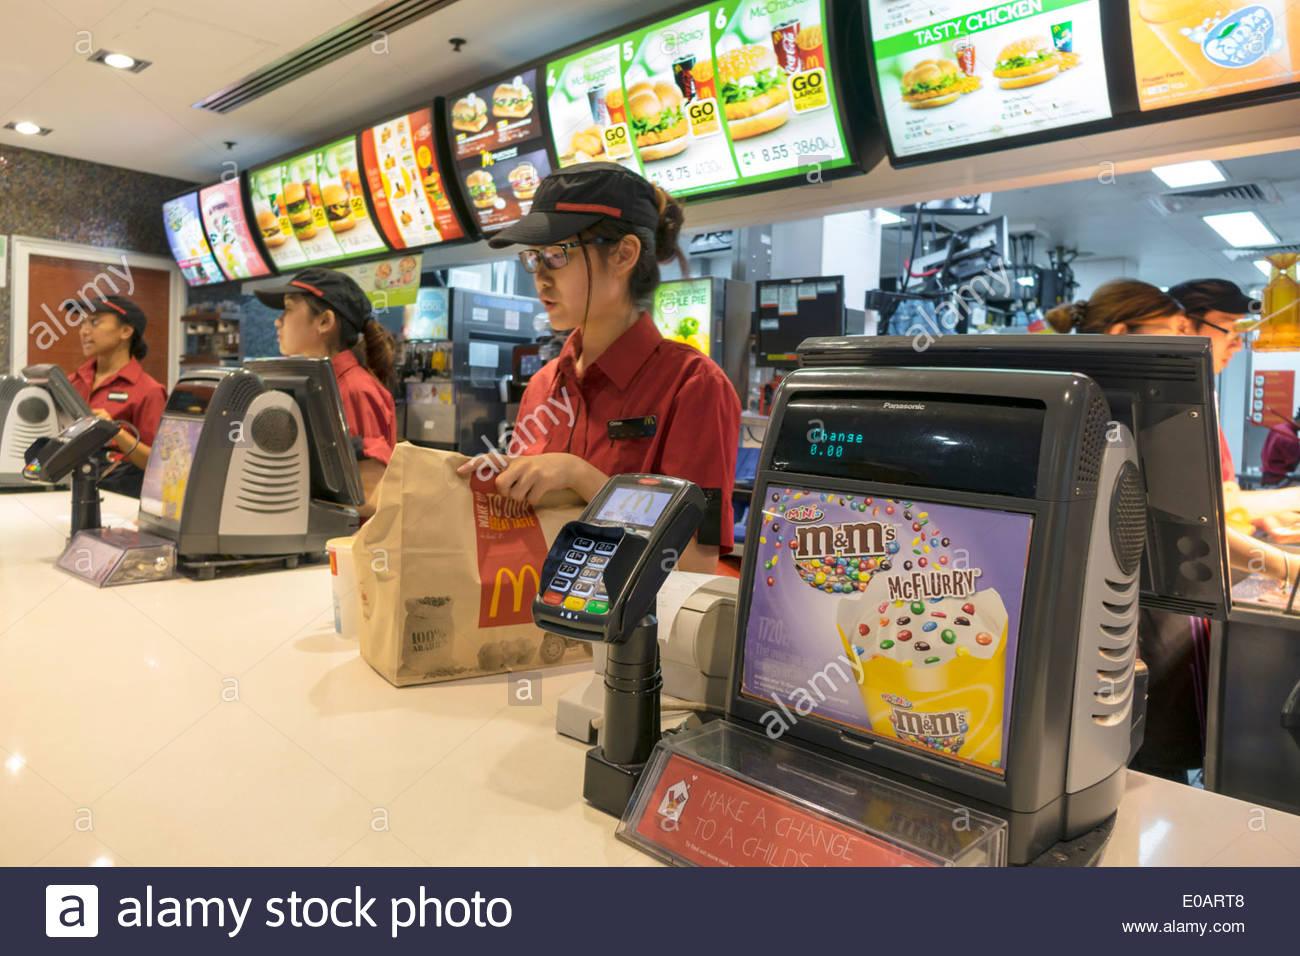 Sydney Australia NSW New South Wales CBD Central Business District Circular Quay McDonald's ristorante fast food counter donna asiatica lavoro emplo uniforme Immagini Stock